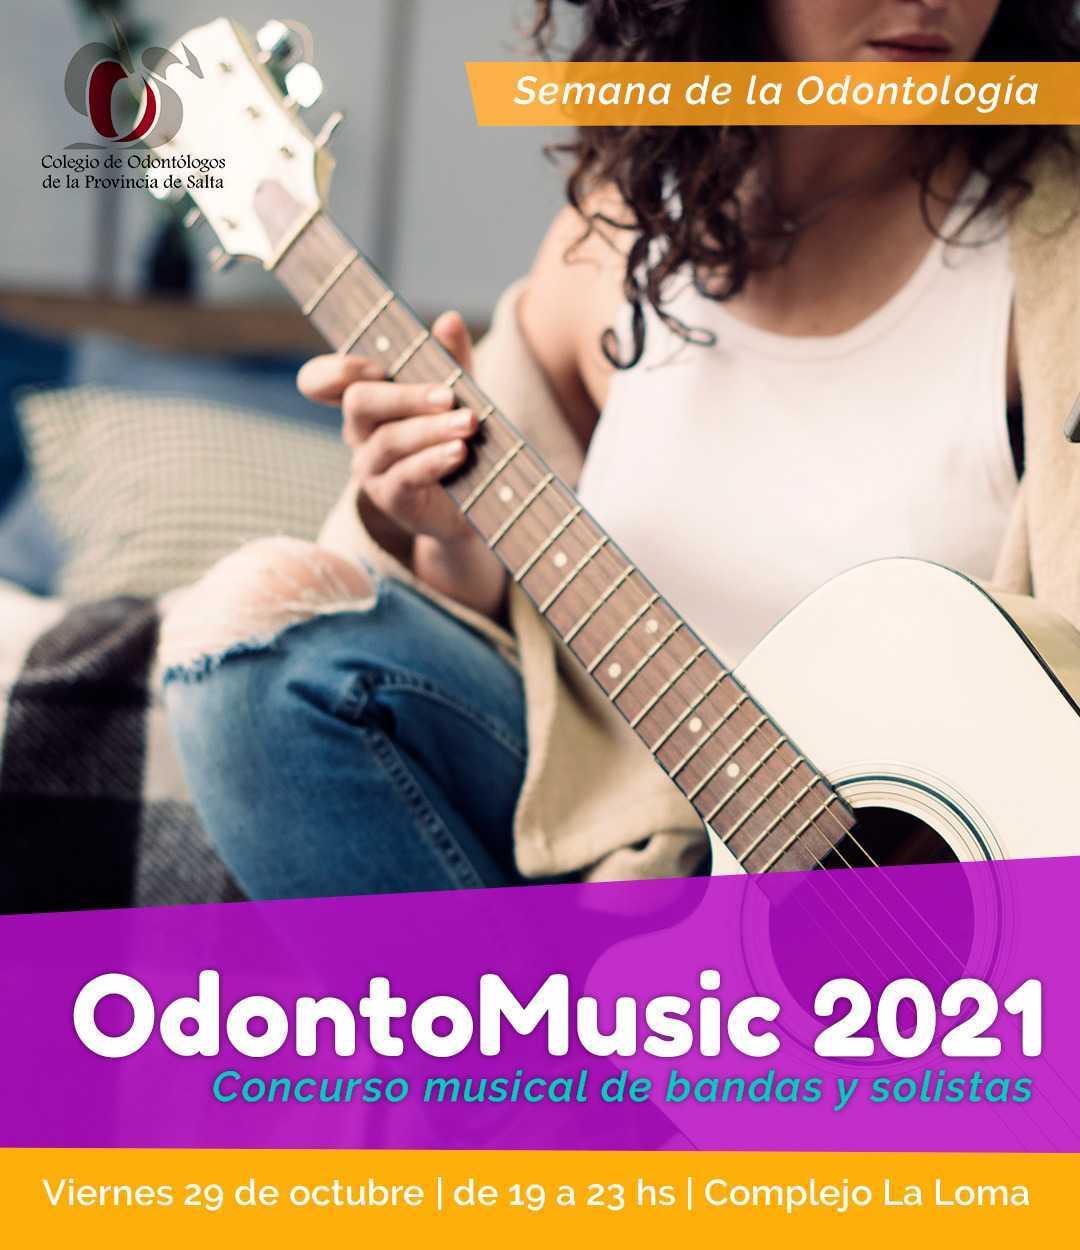 OdontoMusic